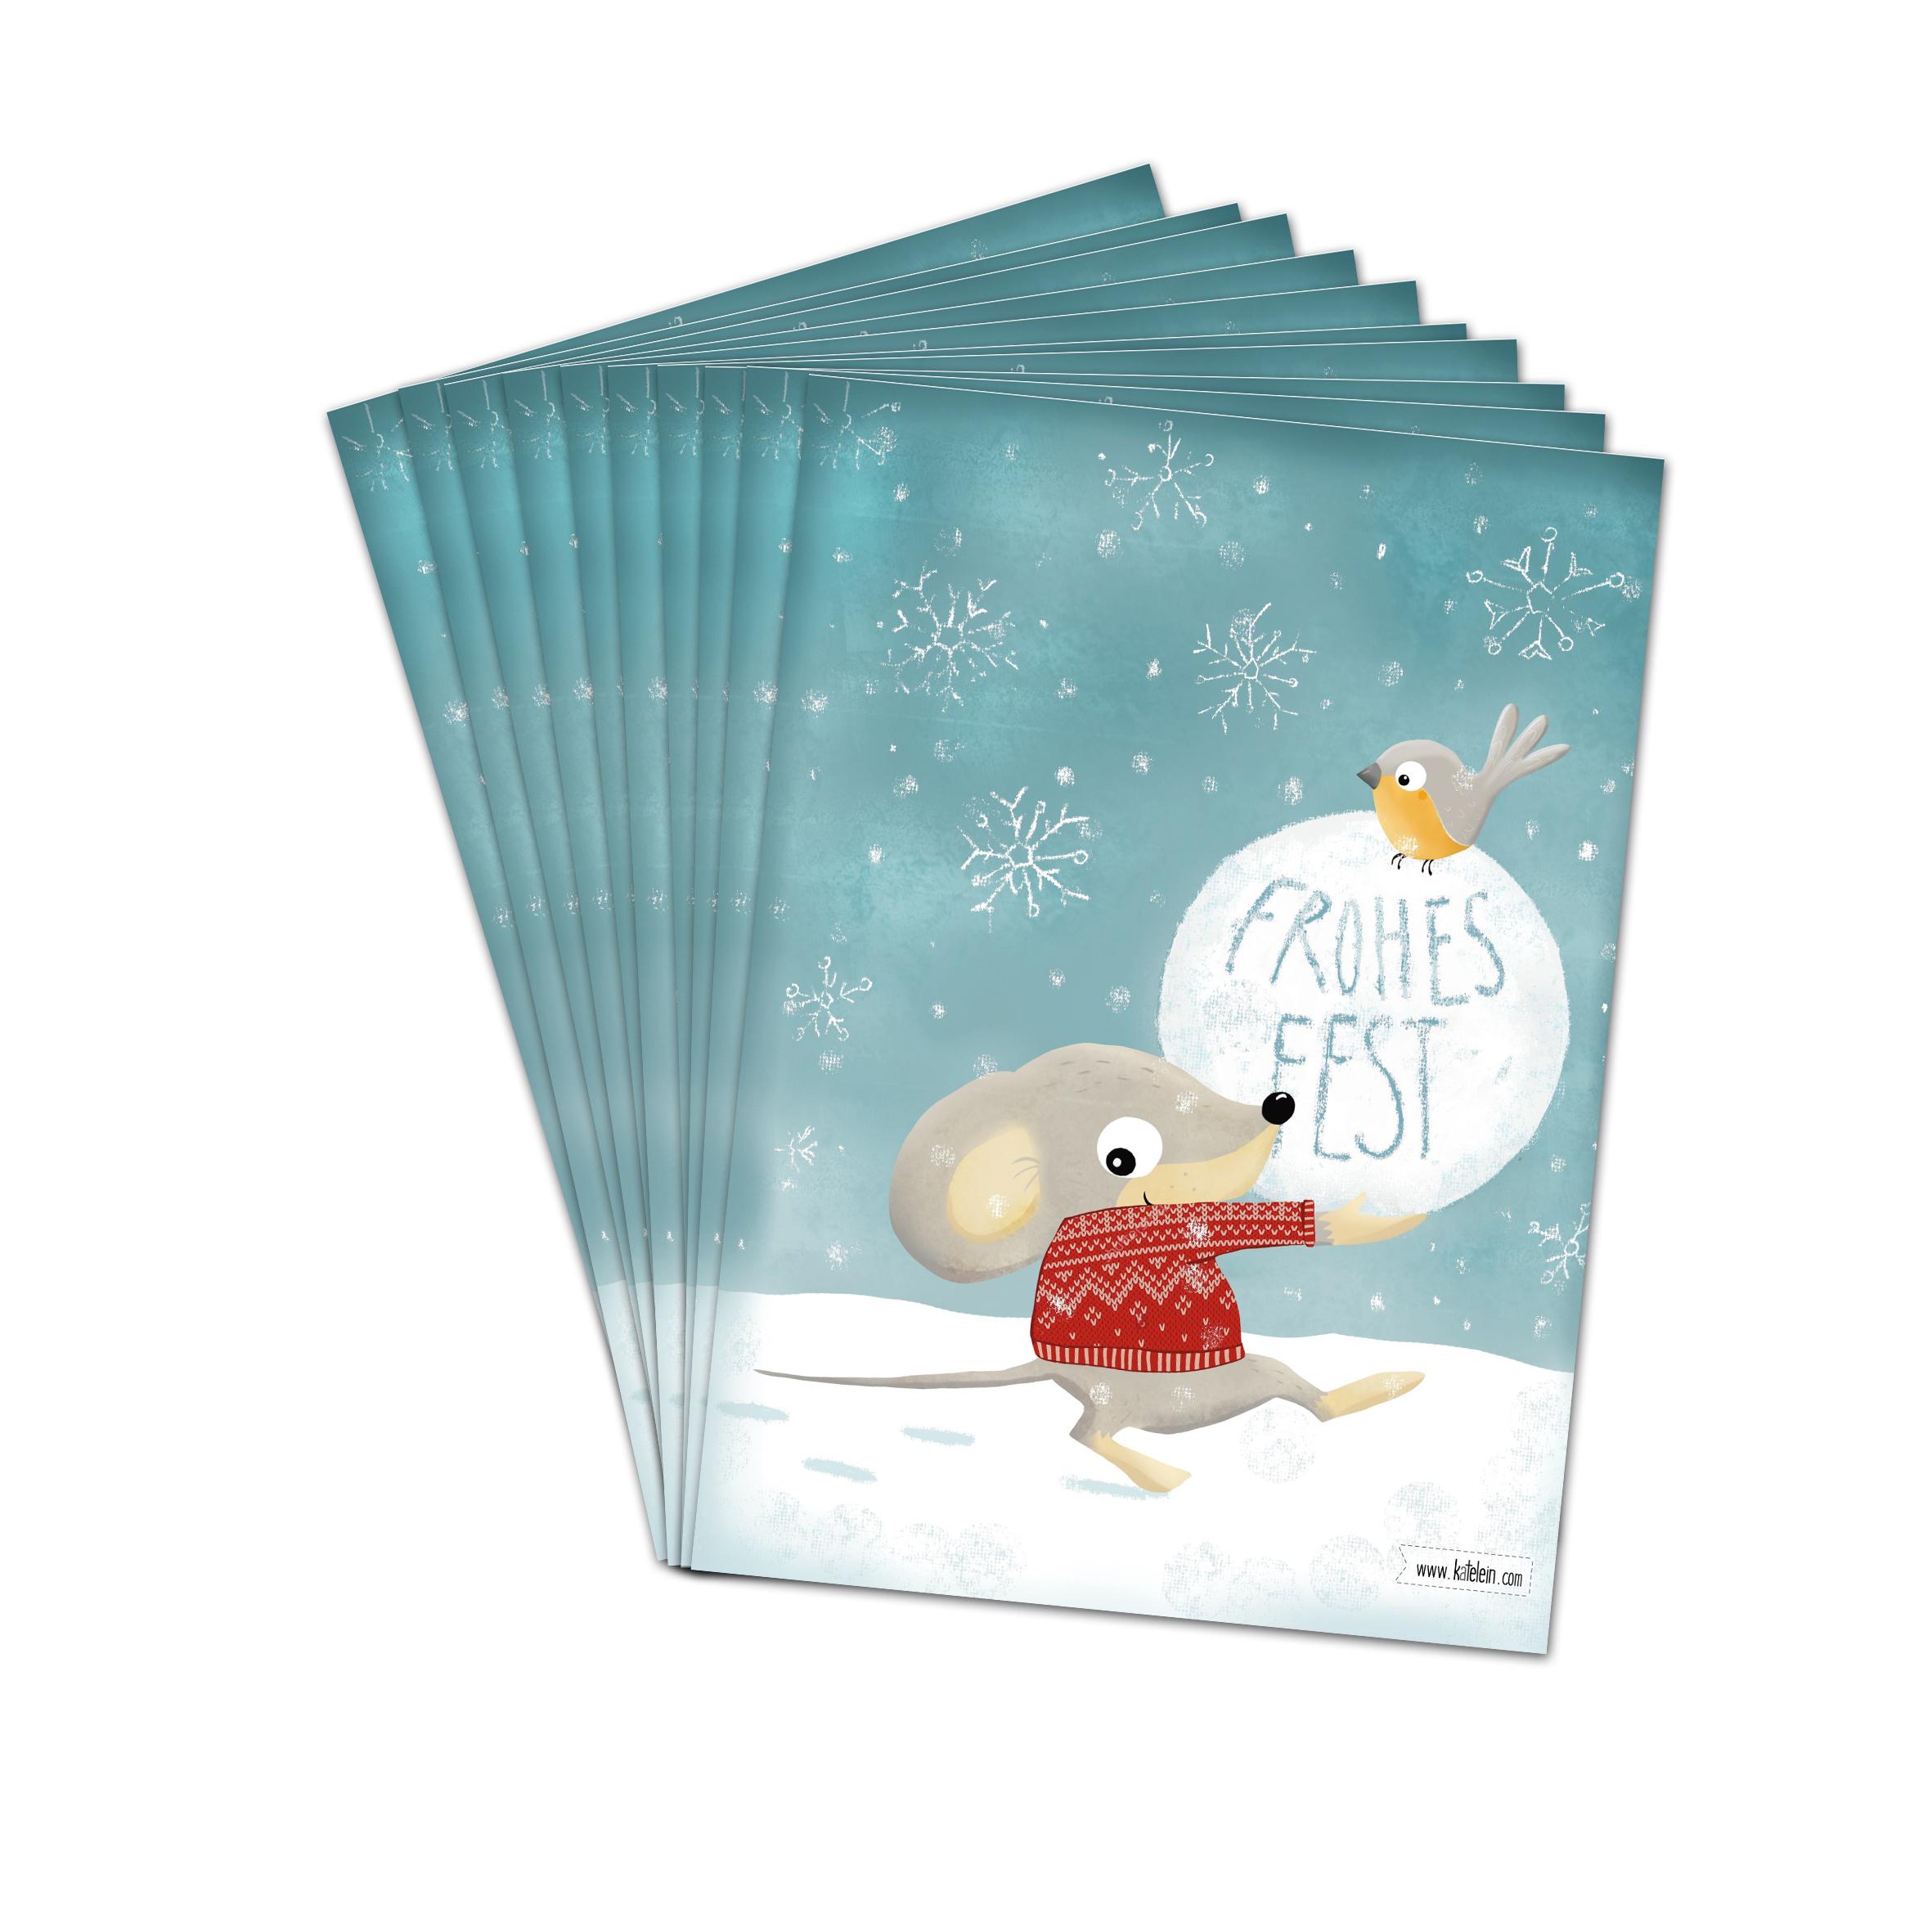 frohes fest weihnachtskarten im set zu 10 st ck www. Black Bedroom Furniture Sets. Home Design Ideas